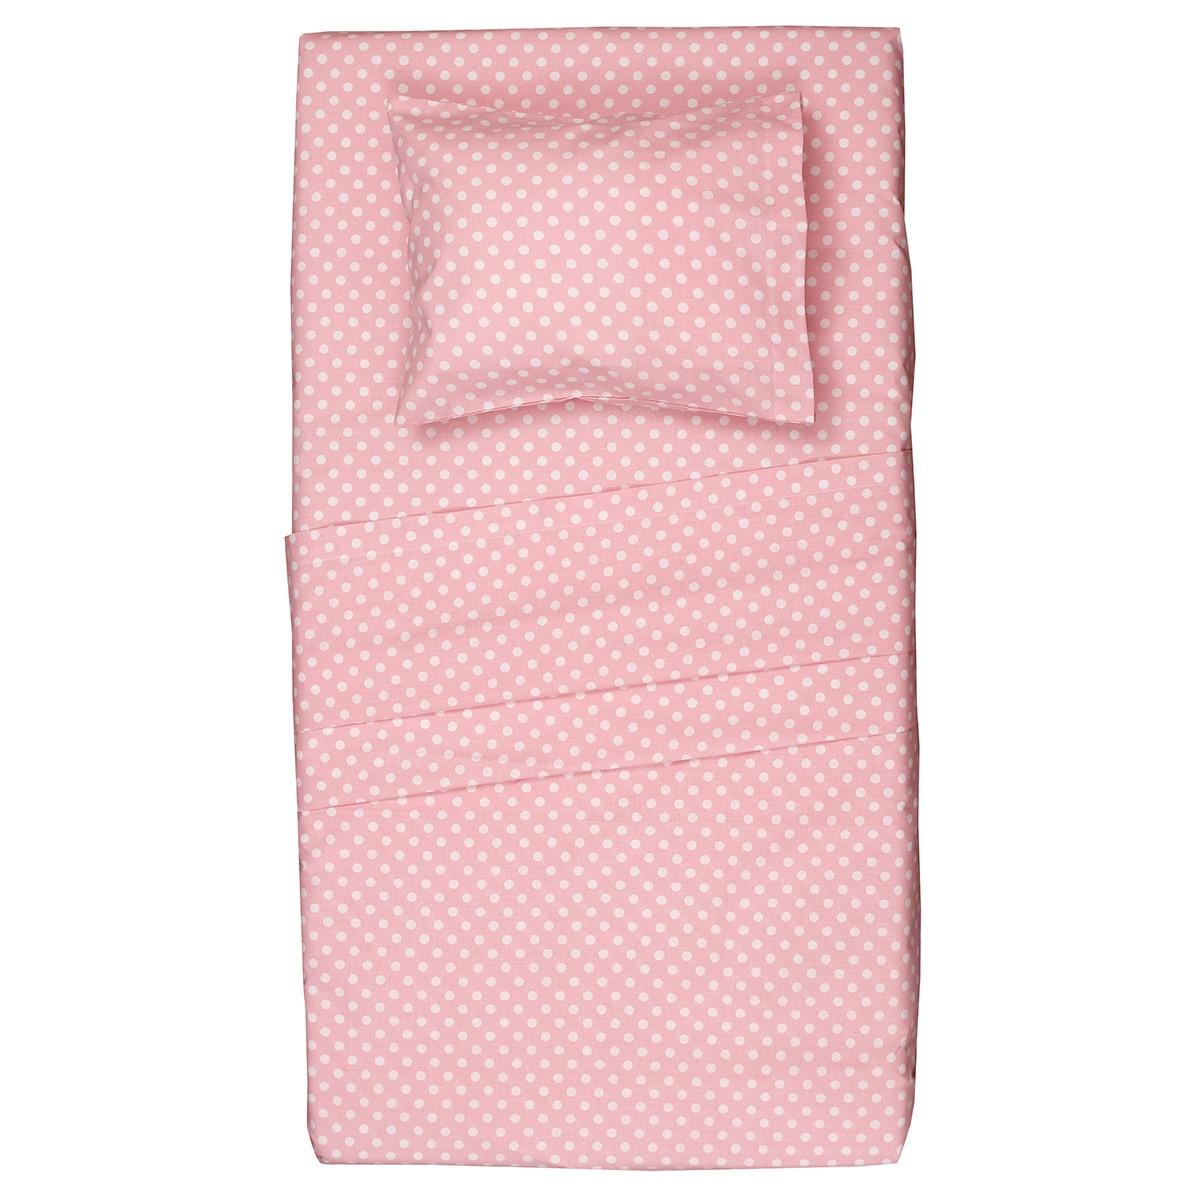 Πάπλωμα Κούνιας (Σετ) Viopros Baby Κονφετί Ροζ